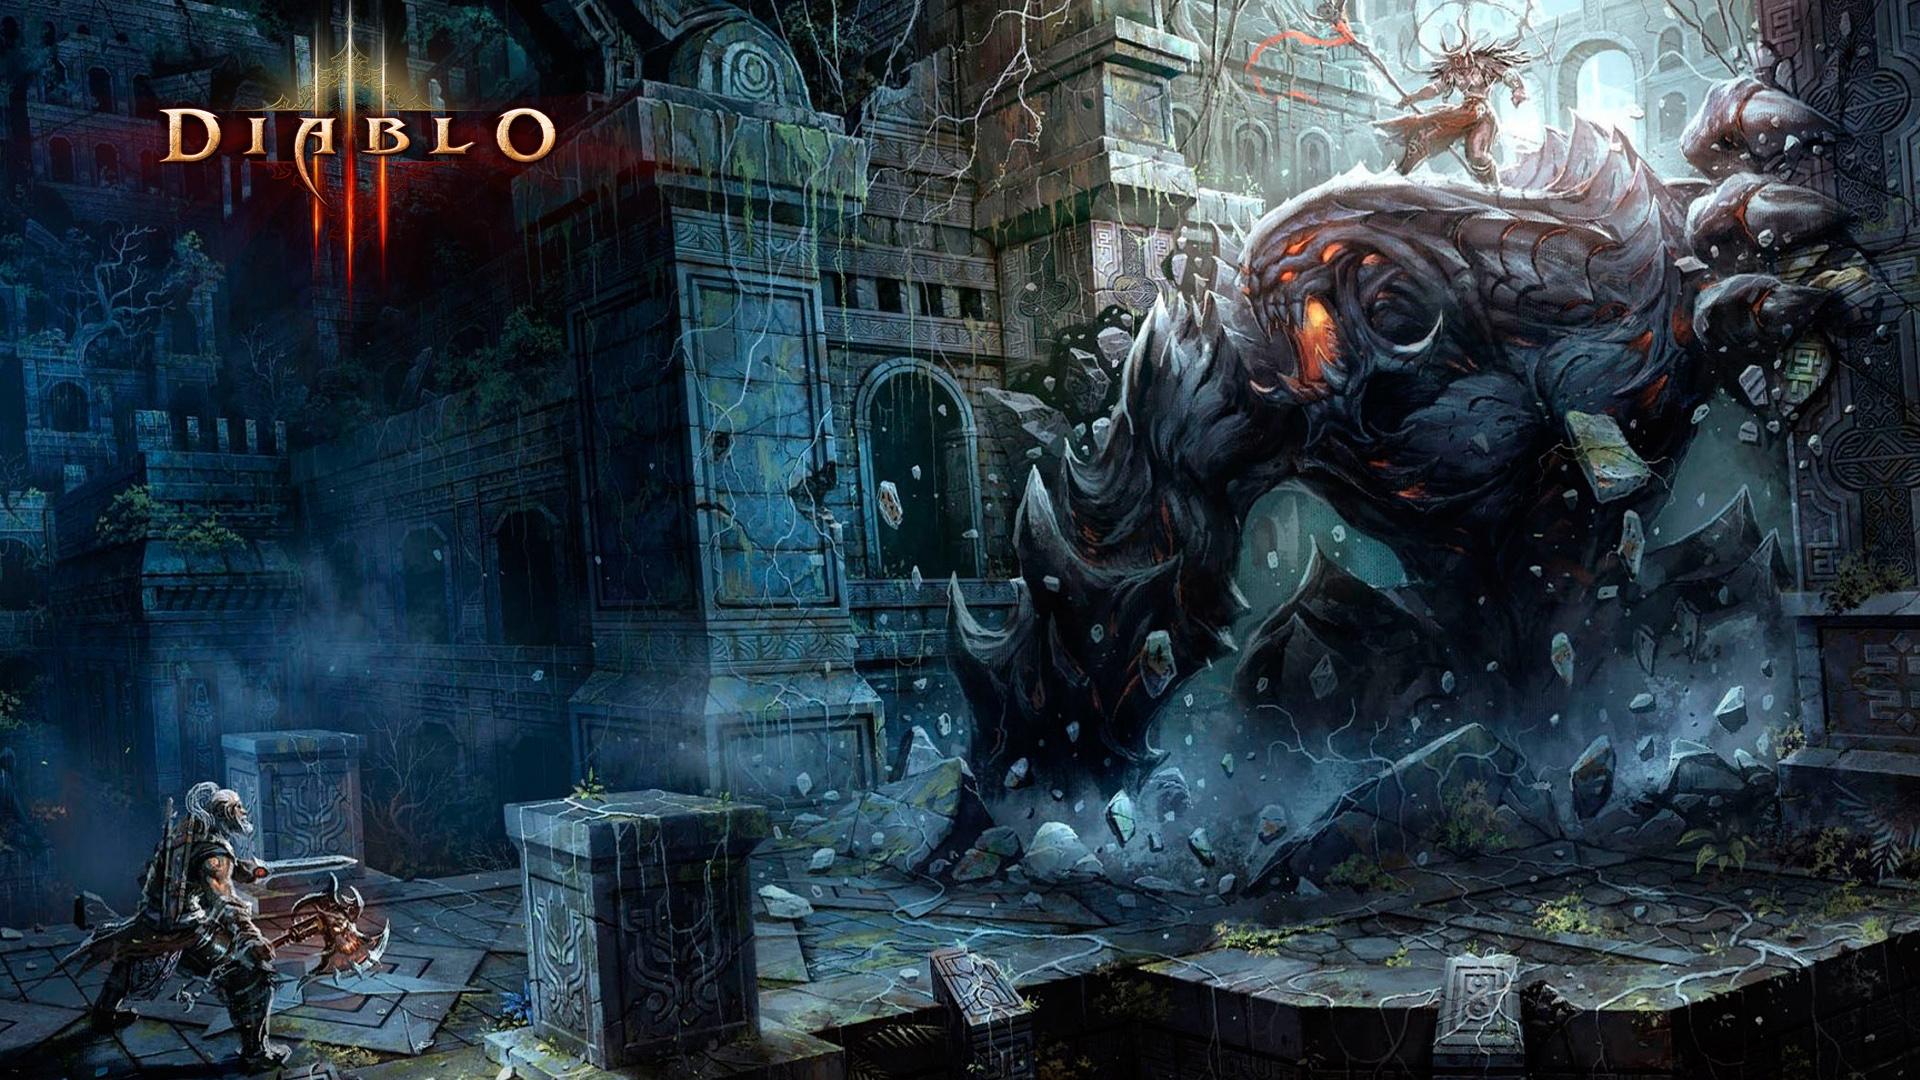 Barbarian Fight Diablo 3 Hd Wallpaper Diablo 3 Wallpaper Hd 1920x1080 Download Hd Wallpaper Wallpapertip